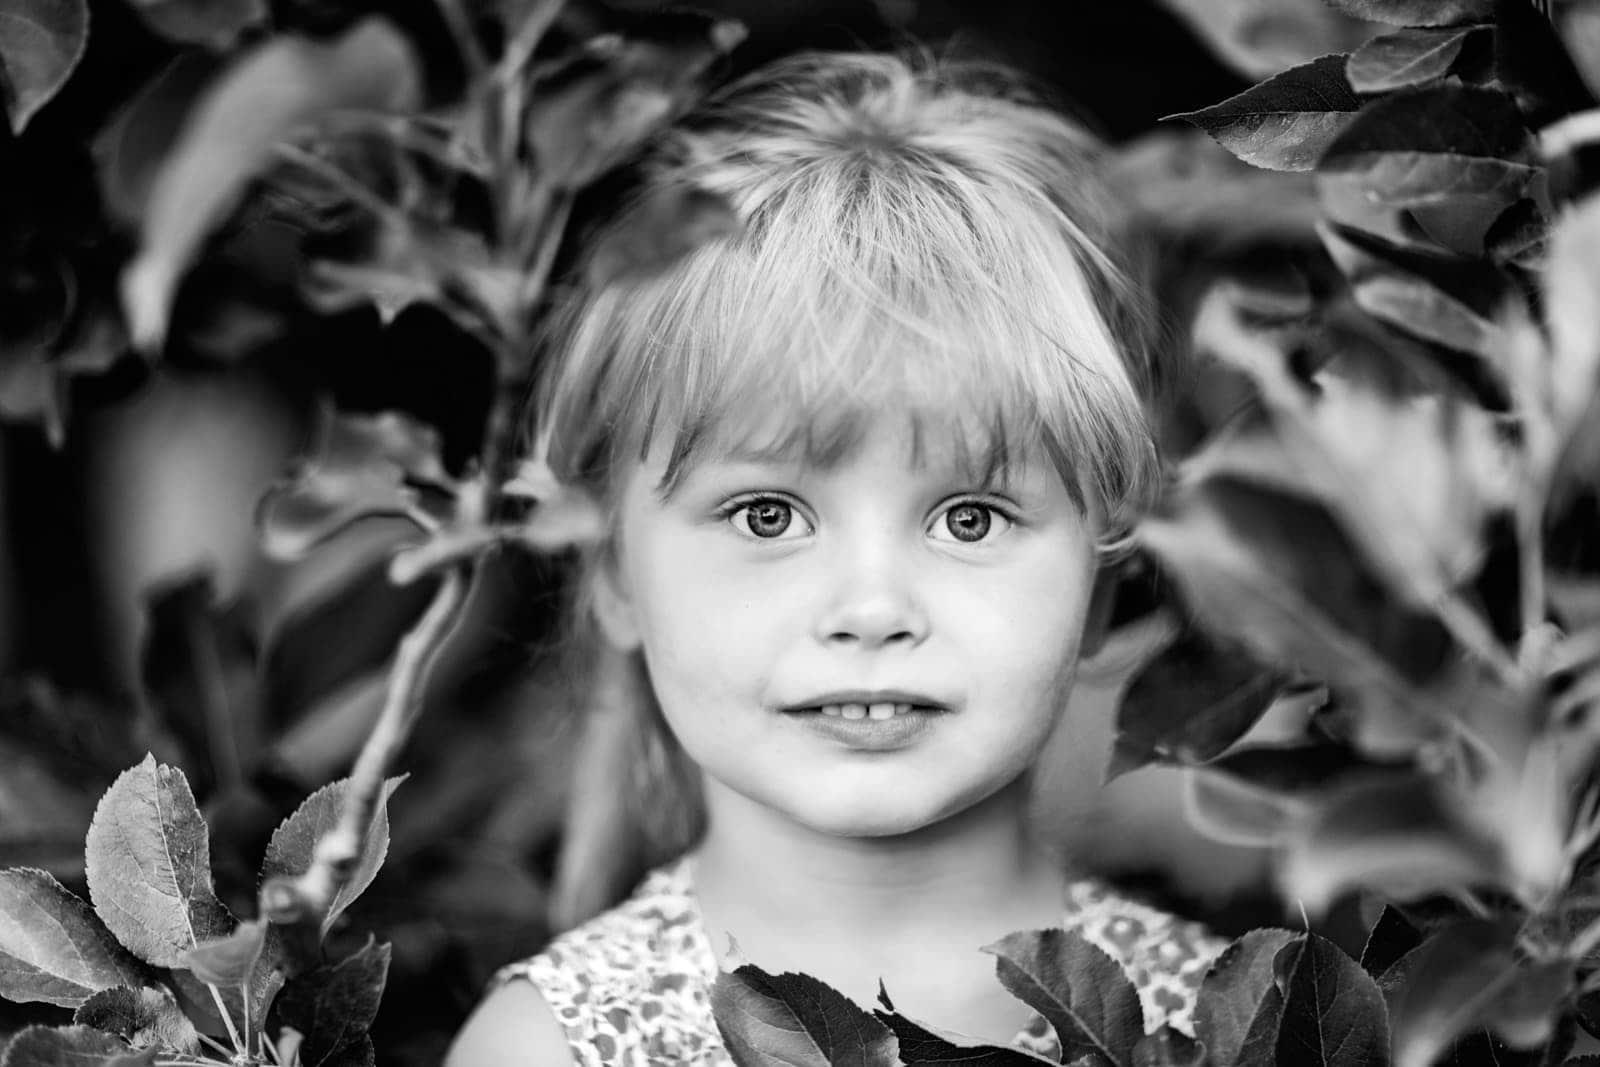 Billede af børn i haven